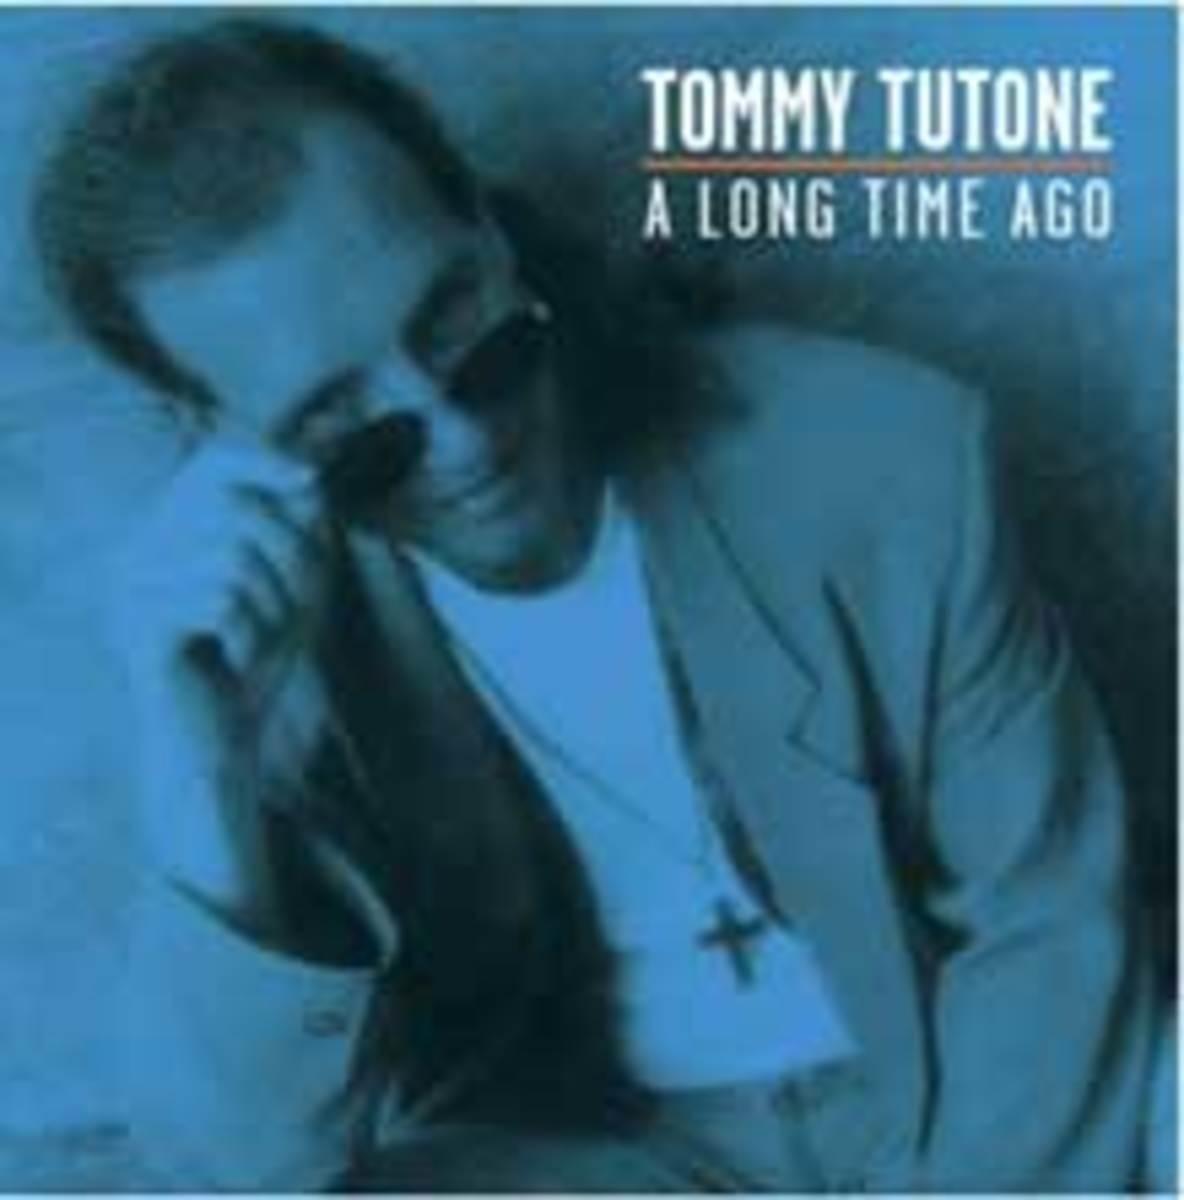 tonny-tutone